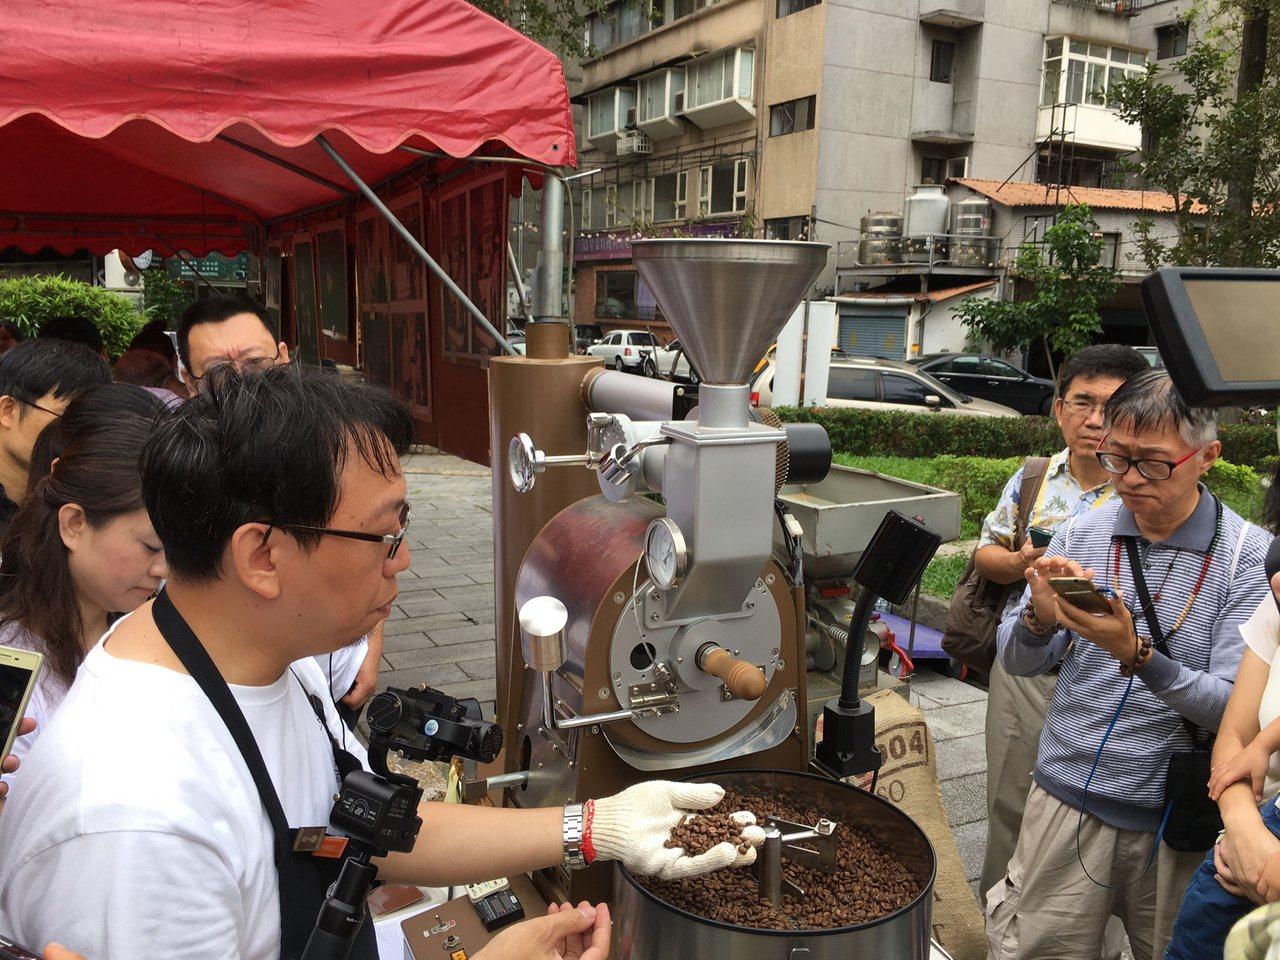 中山區復華公園舉辦咖啡生態節,讓民眾體驗咖啡豆剝殼及烘製過程。圖/中山區公所提供